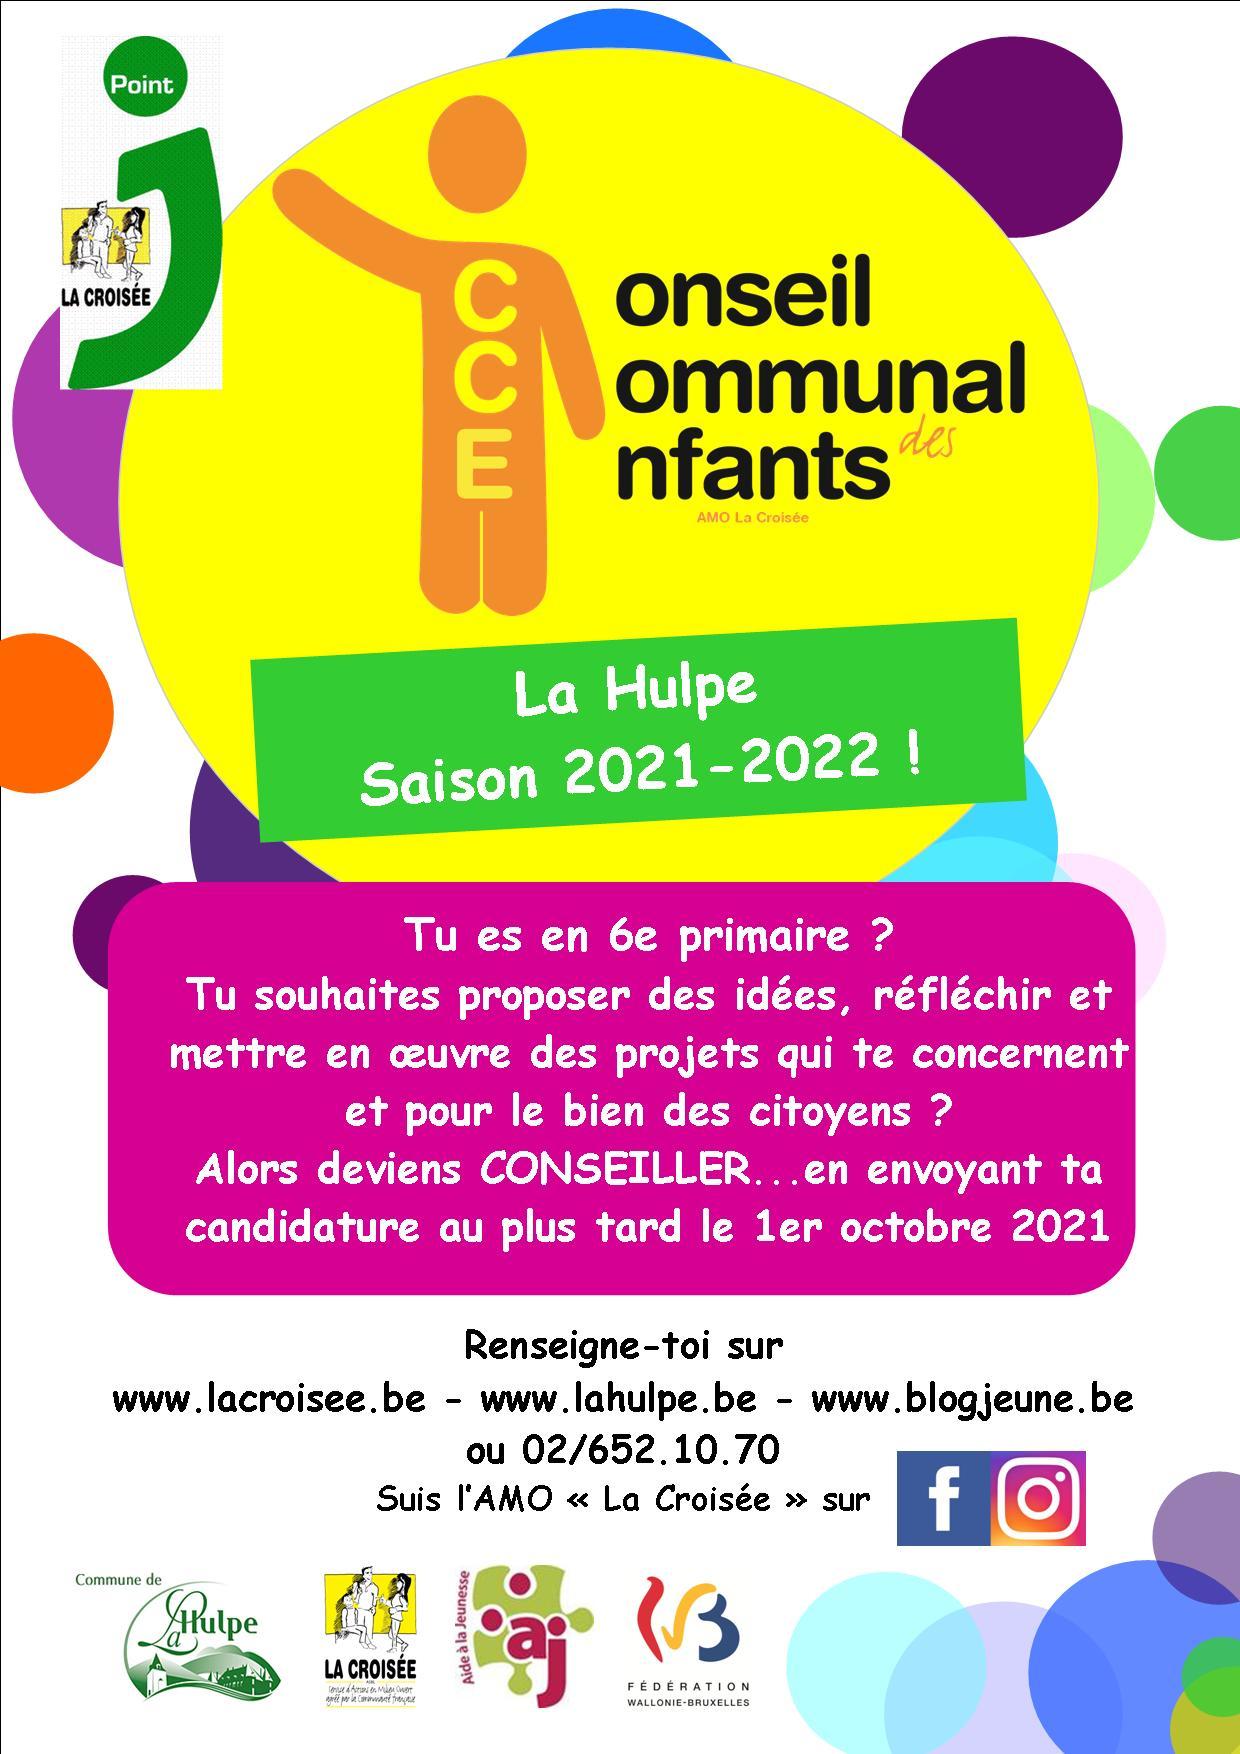 Inscription pour la nouvelle saison CCE 2021-2022 La Hulpe !